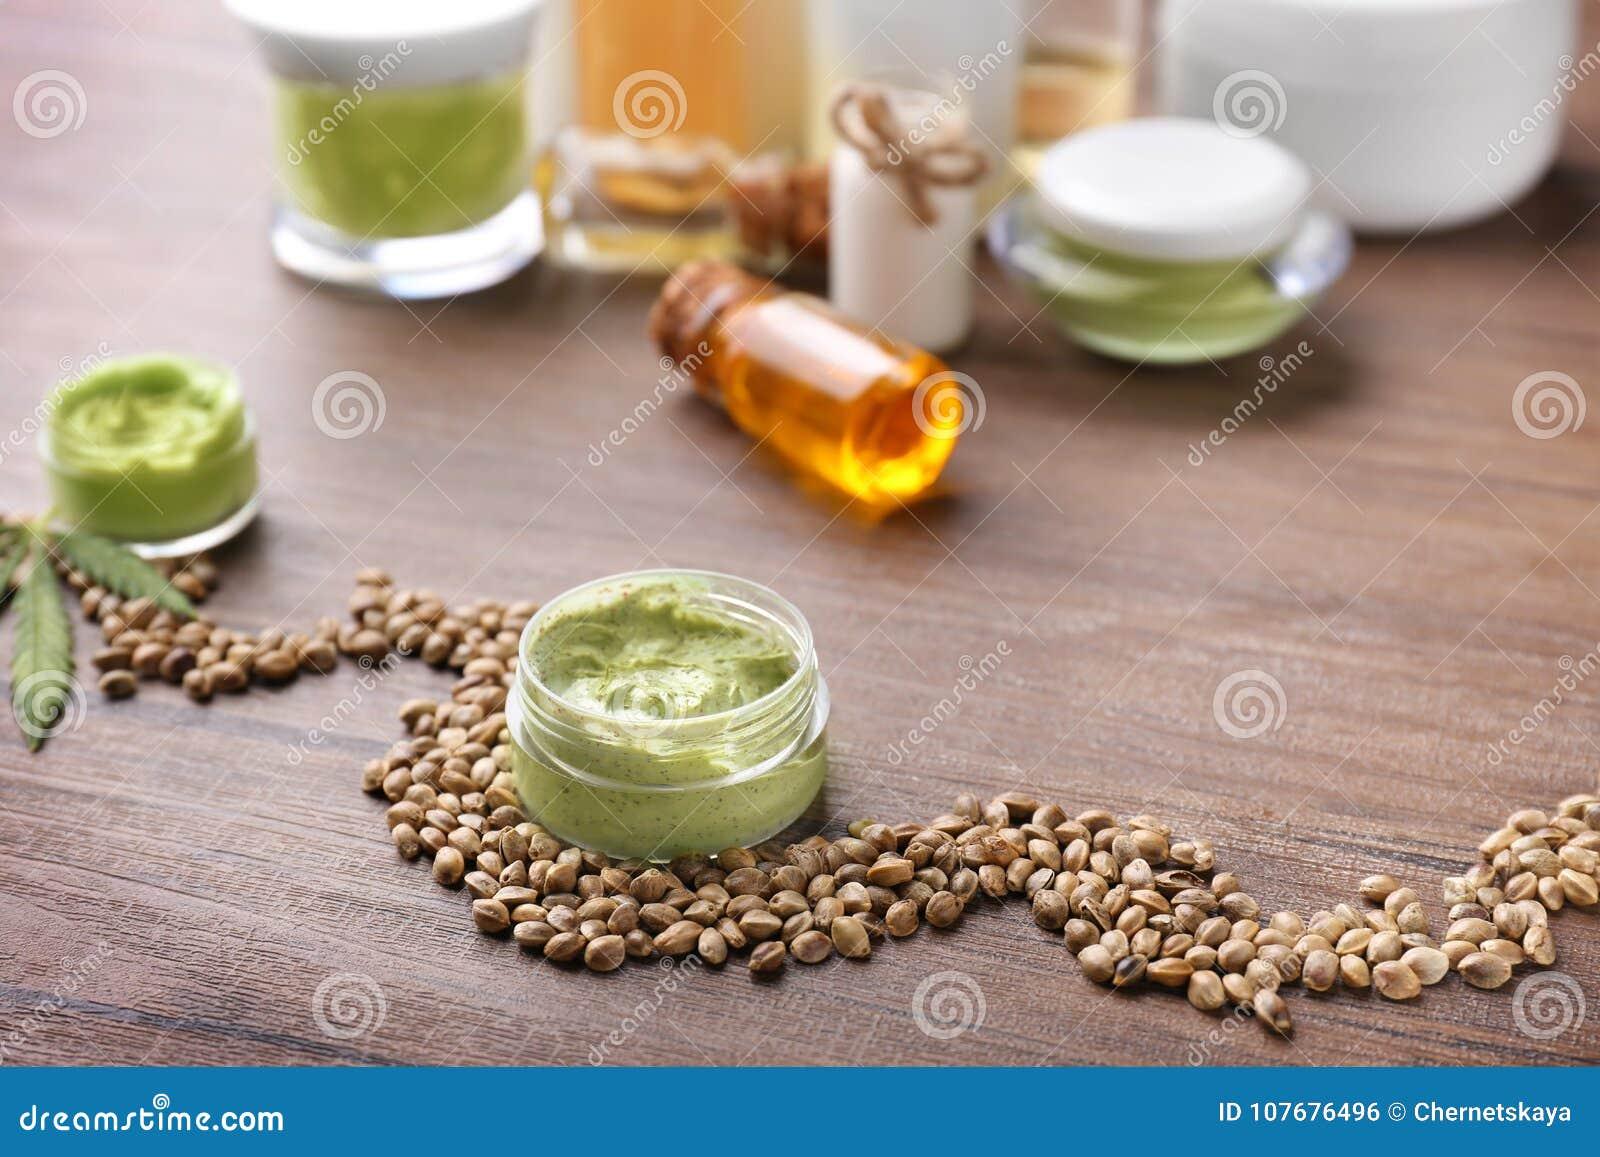 Schoonheidsmiddelen met hennepuittreksel